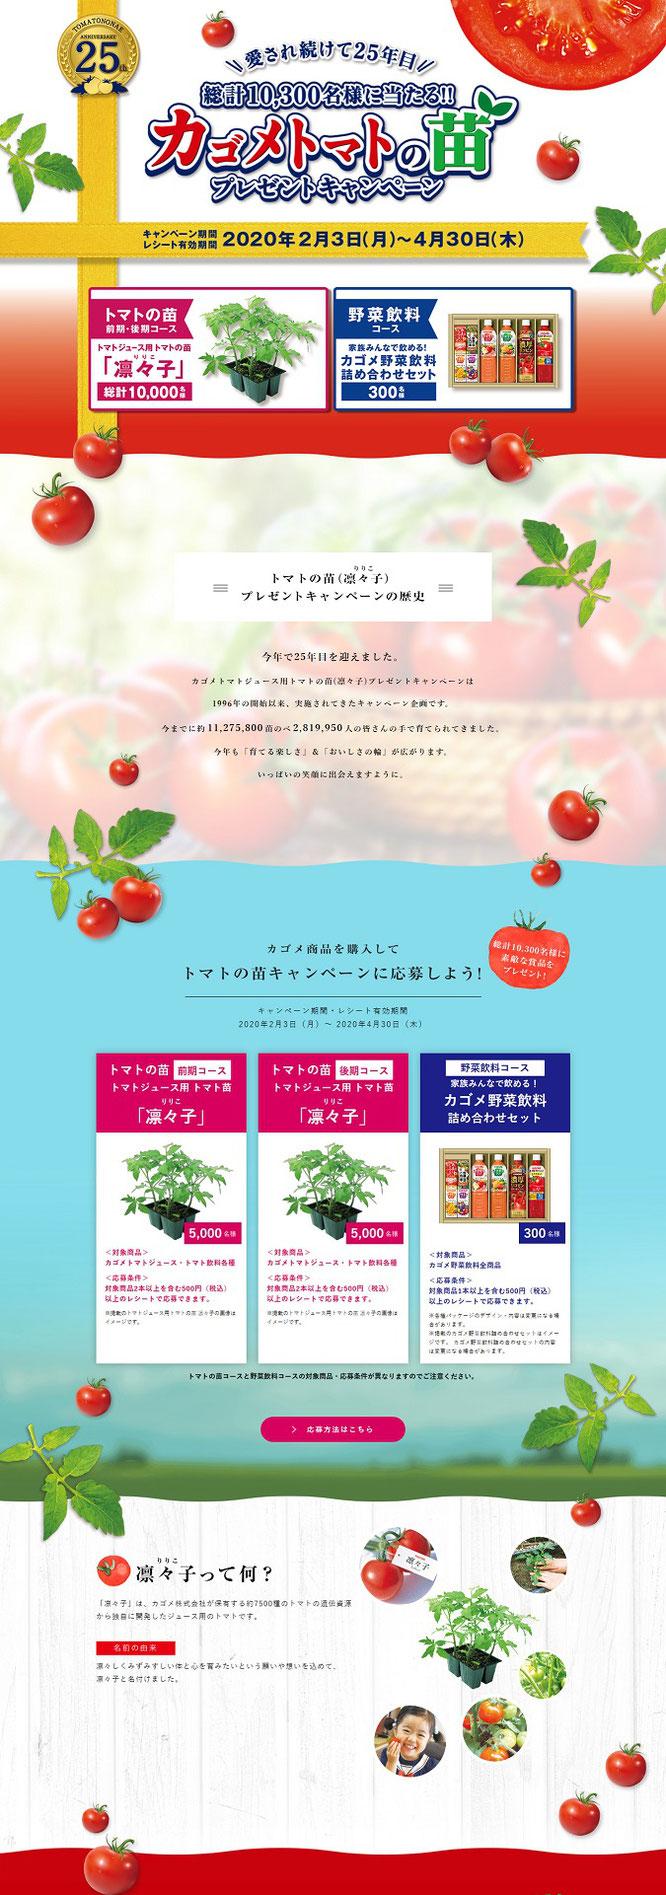 【カゴメ】トマトの苗プレゼントキャンペーン